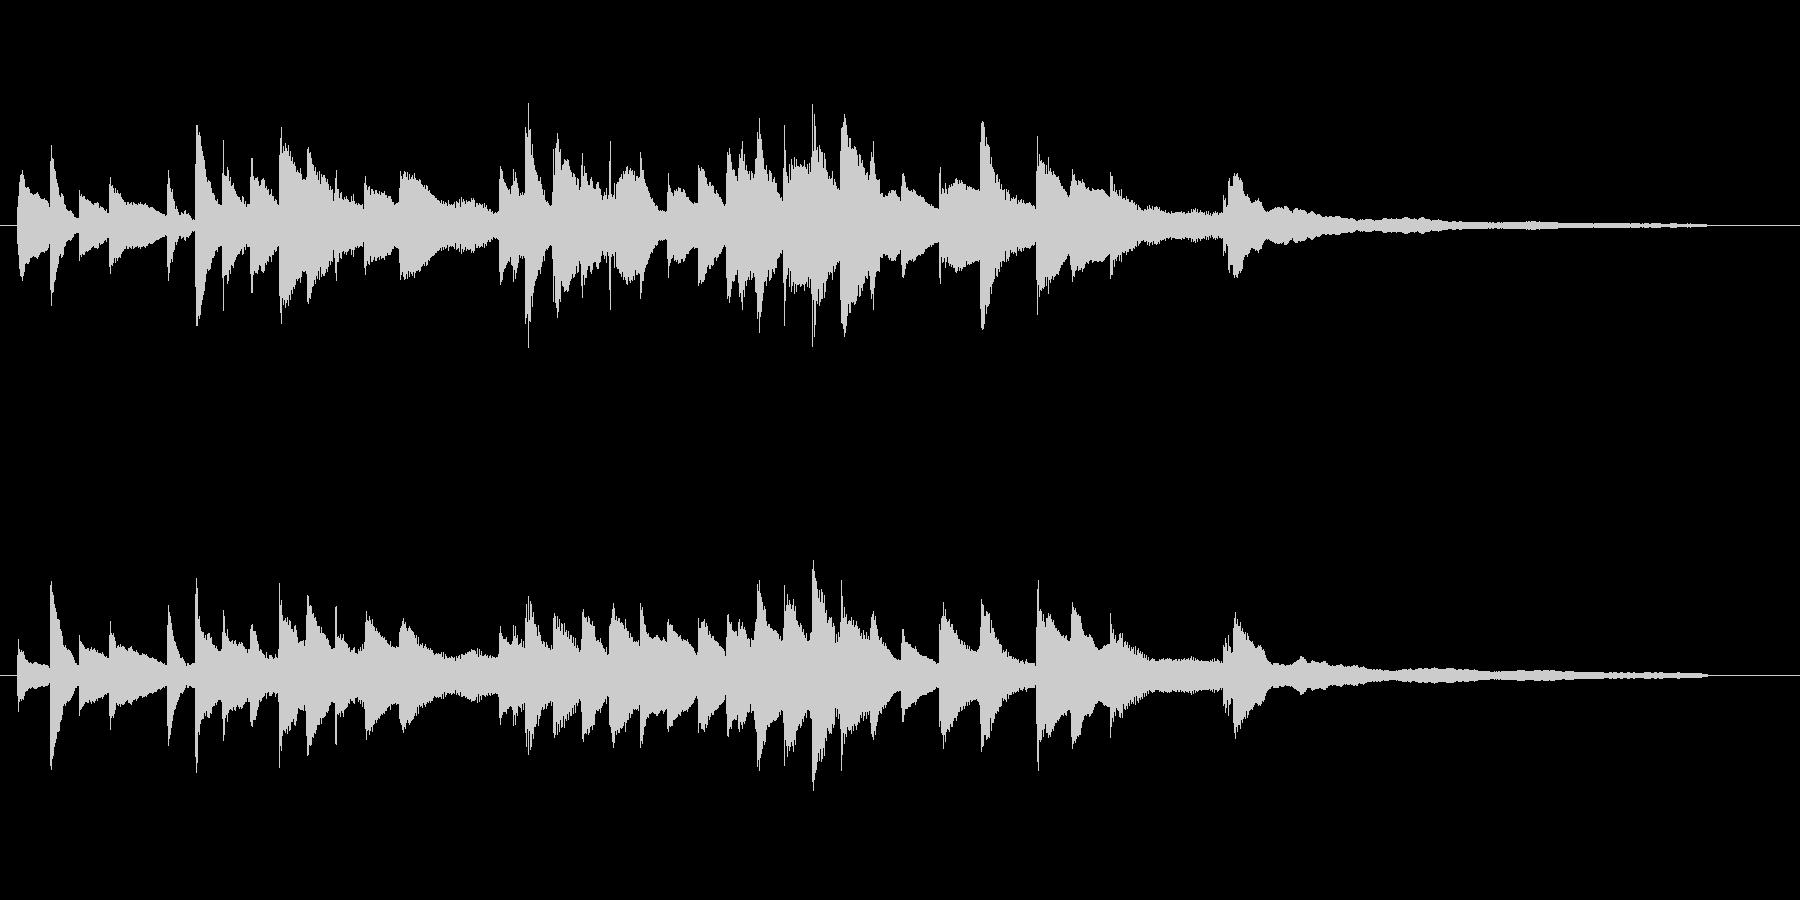 回想シーンに合うピアノソロの未再生の波形